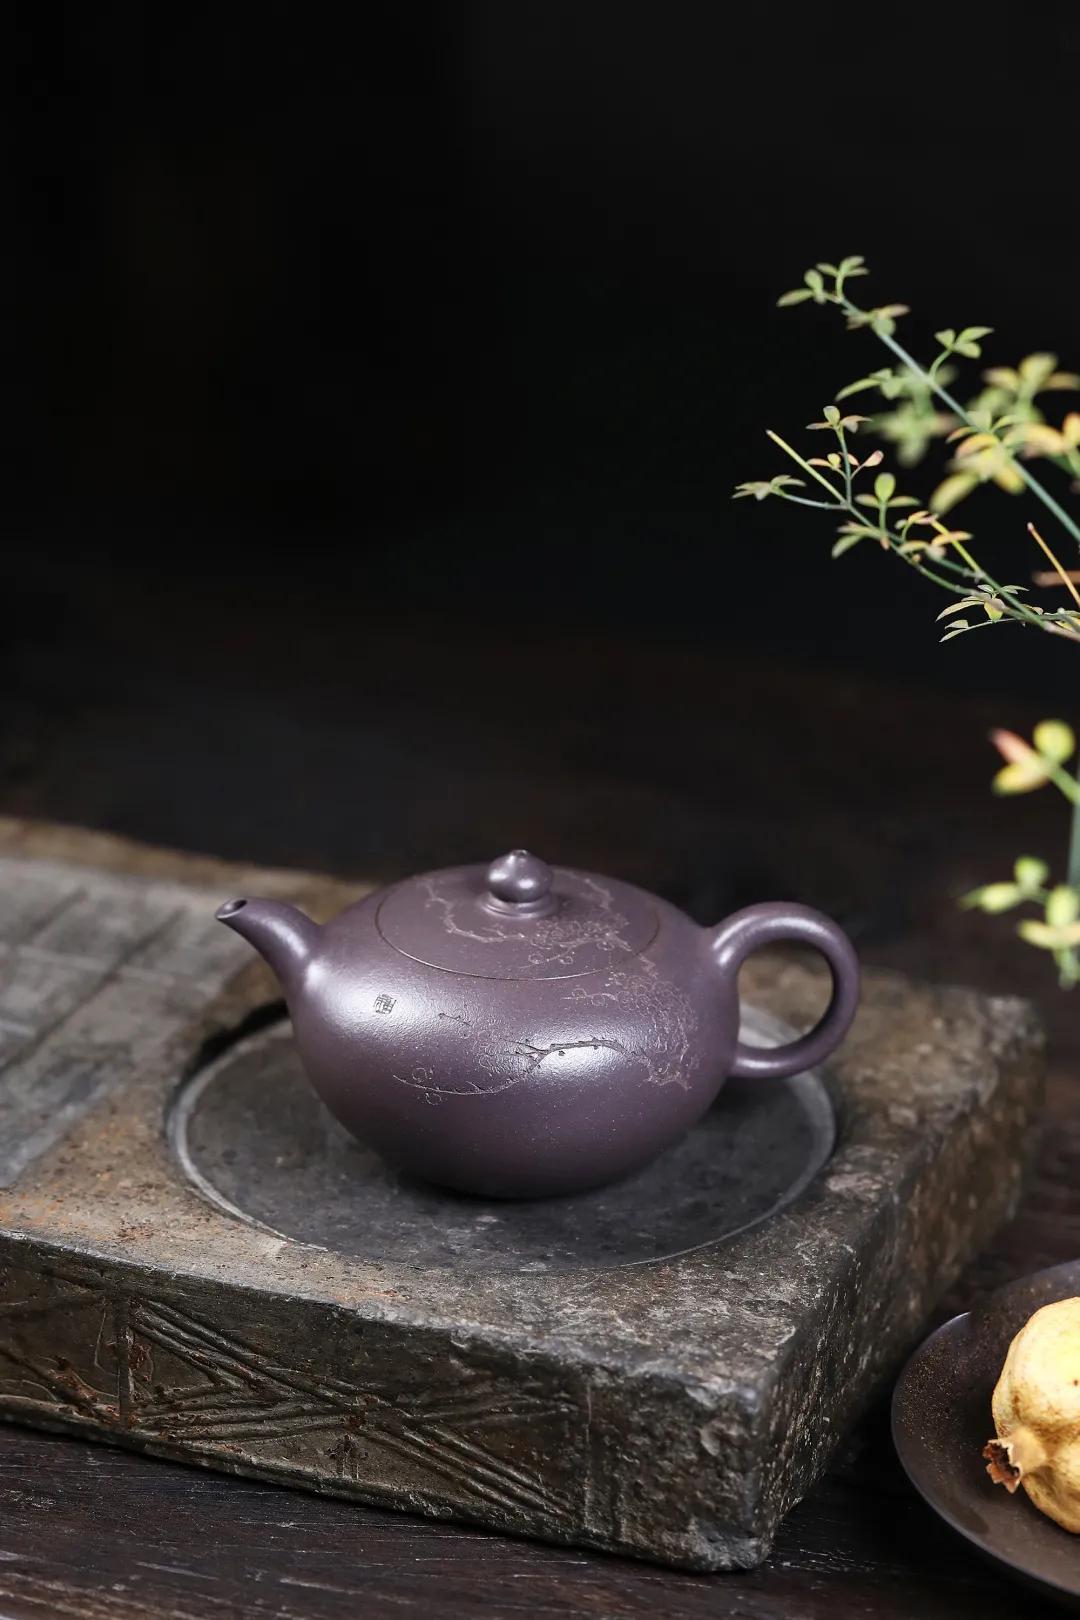 器有可观·紫砂壶专场网络拍卖会 (第二期)